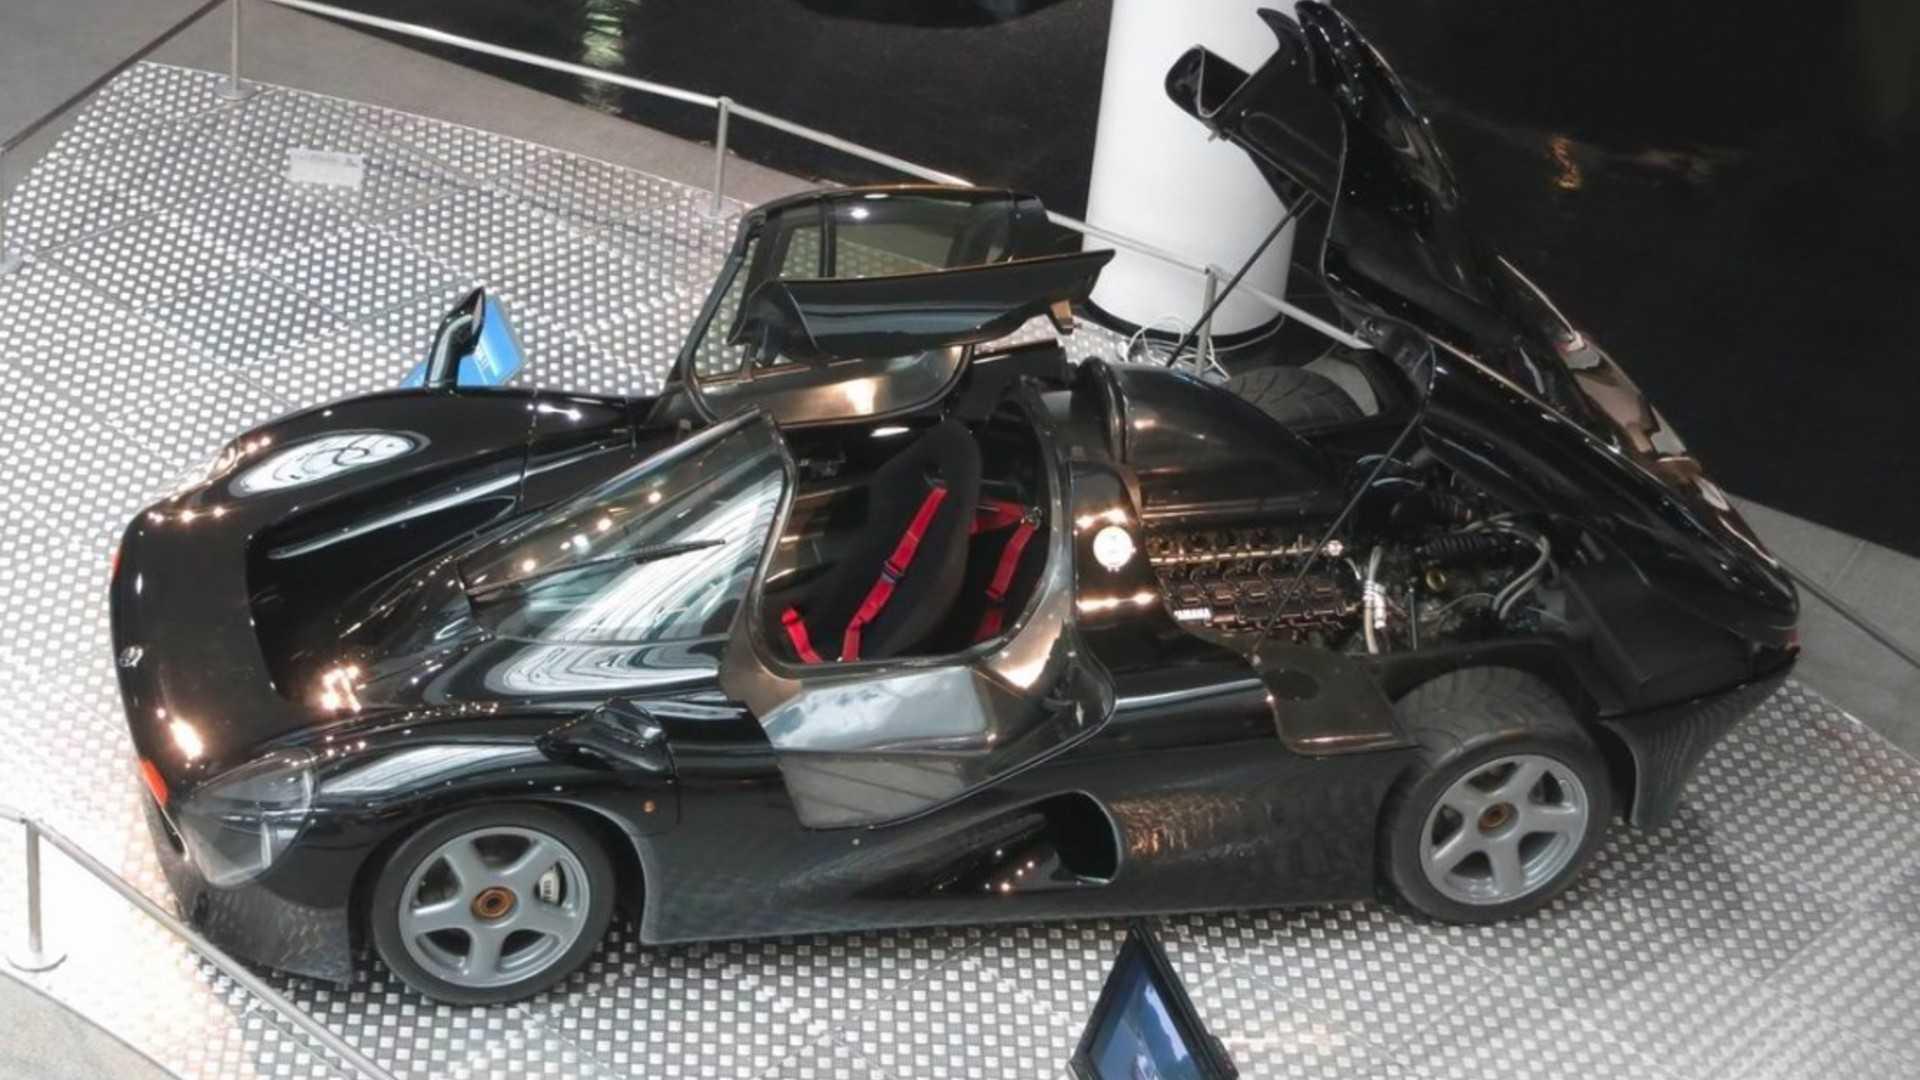 Ngắm siêu xe Yamaha 1,3 triệu USD đẹp sang chảnh